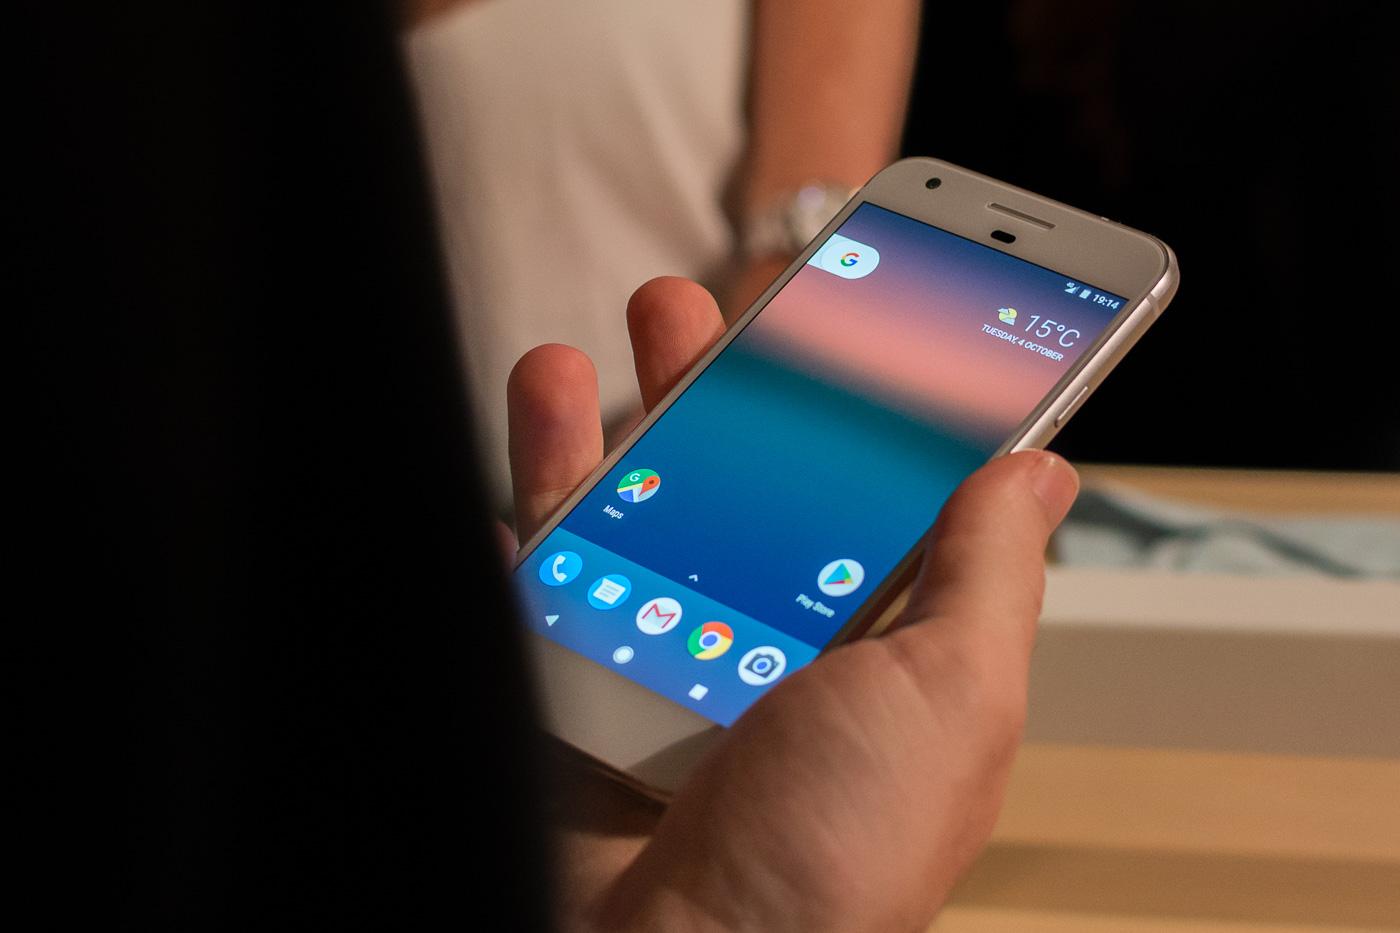 Smartfon, który znika w dłoniach. Google Pixel – pierwsze wrażenia Spider's Web